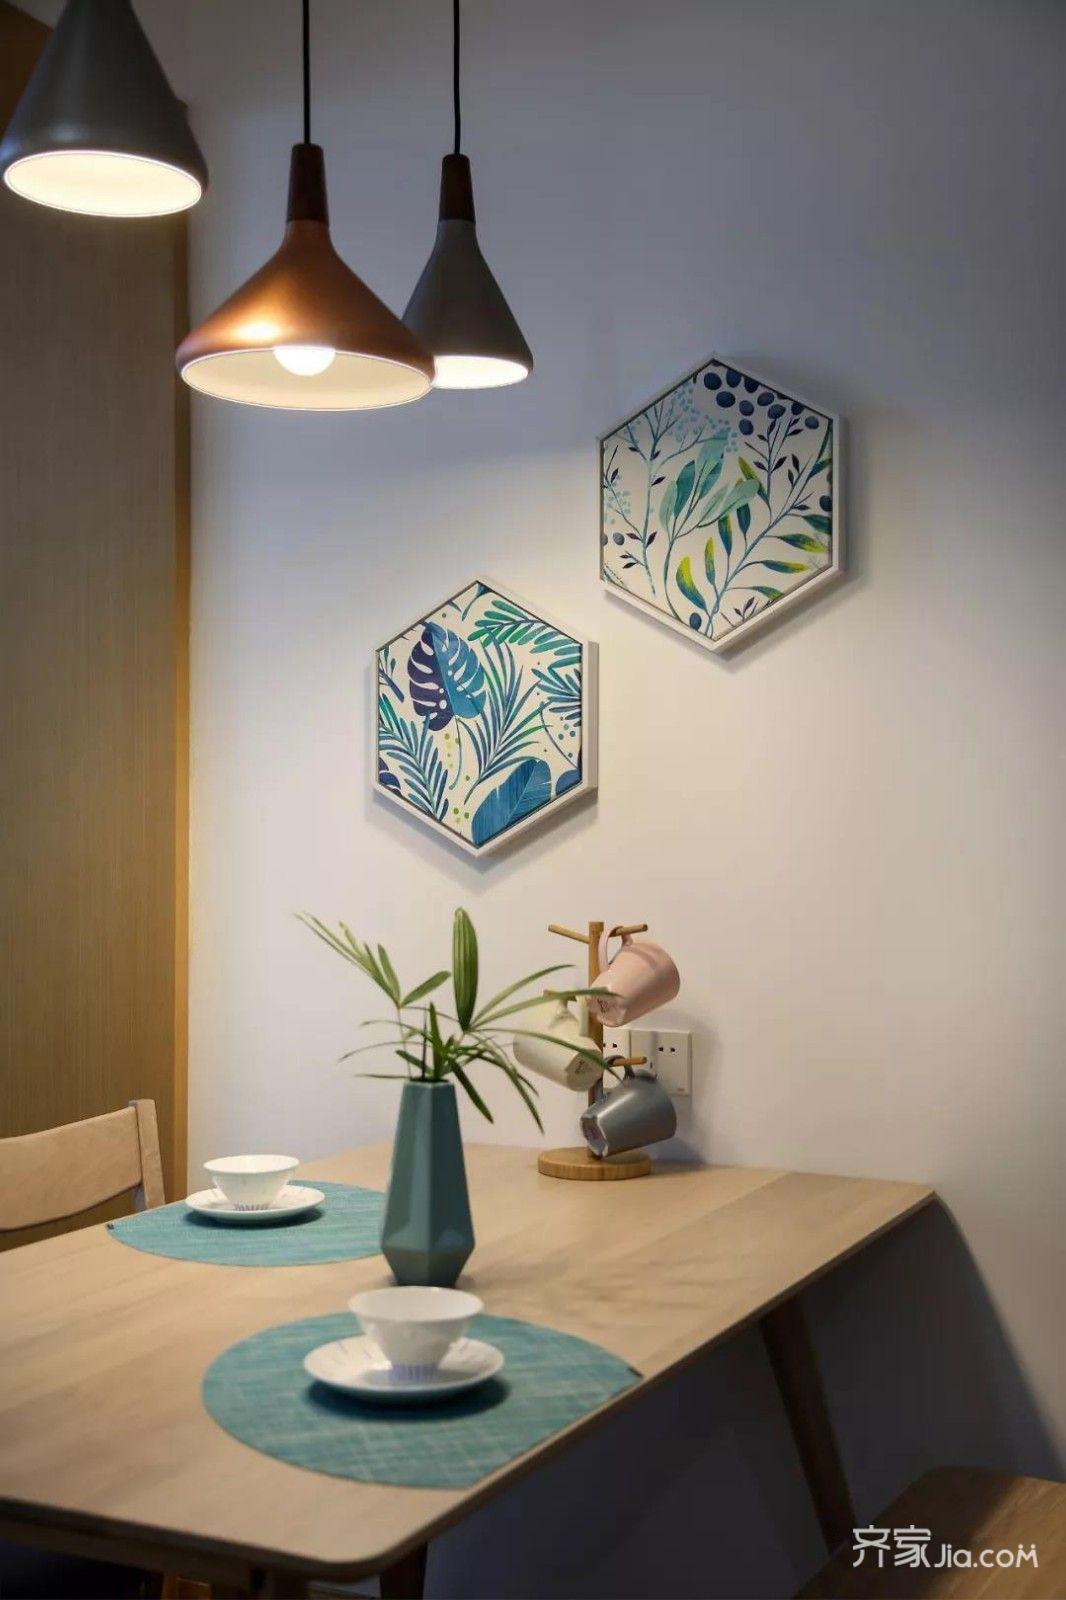 餐厅北欧风格的吊灯,简洁而温暖的灯光下,一日三餐变得充满温情.